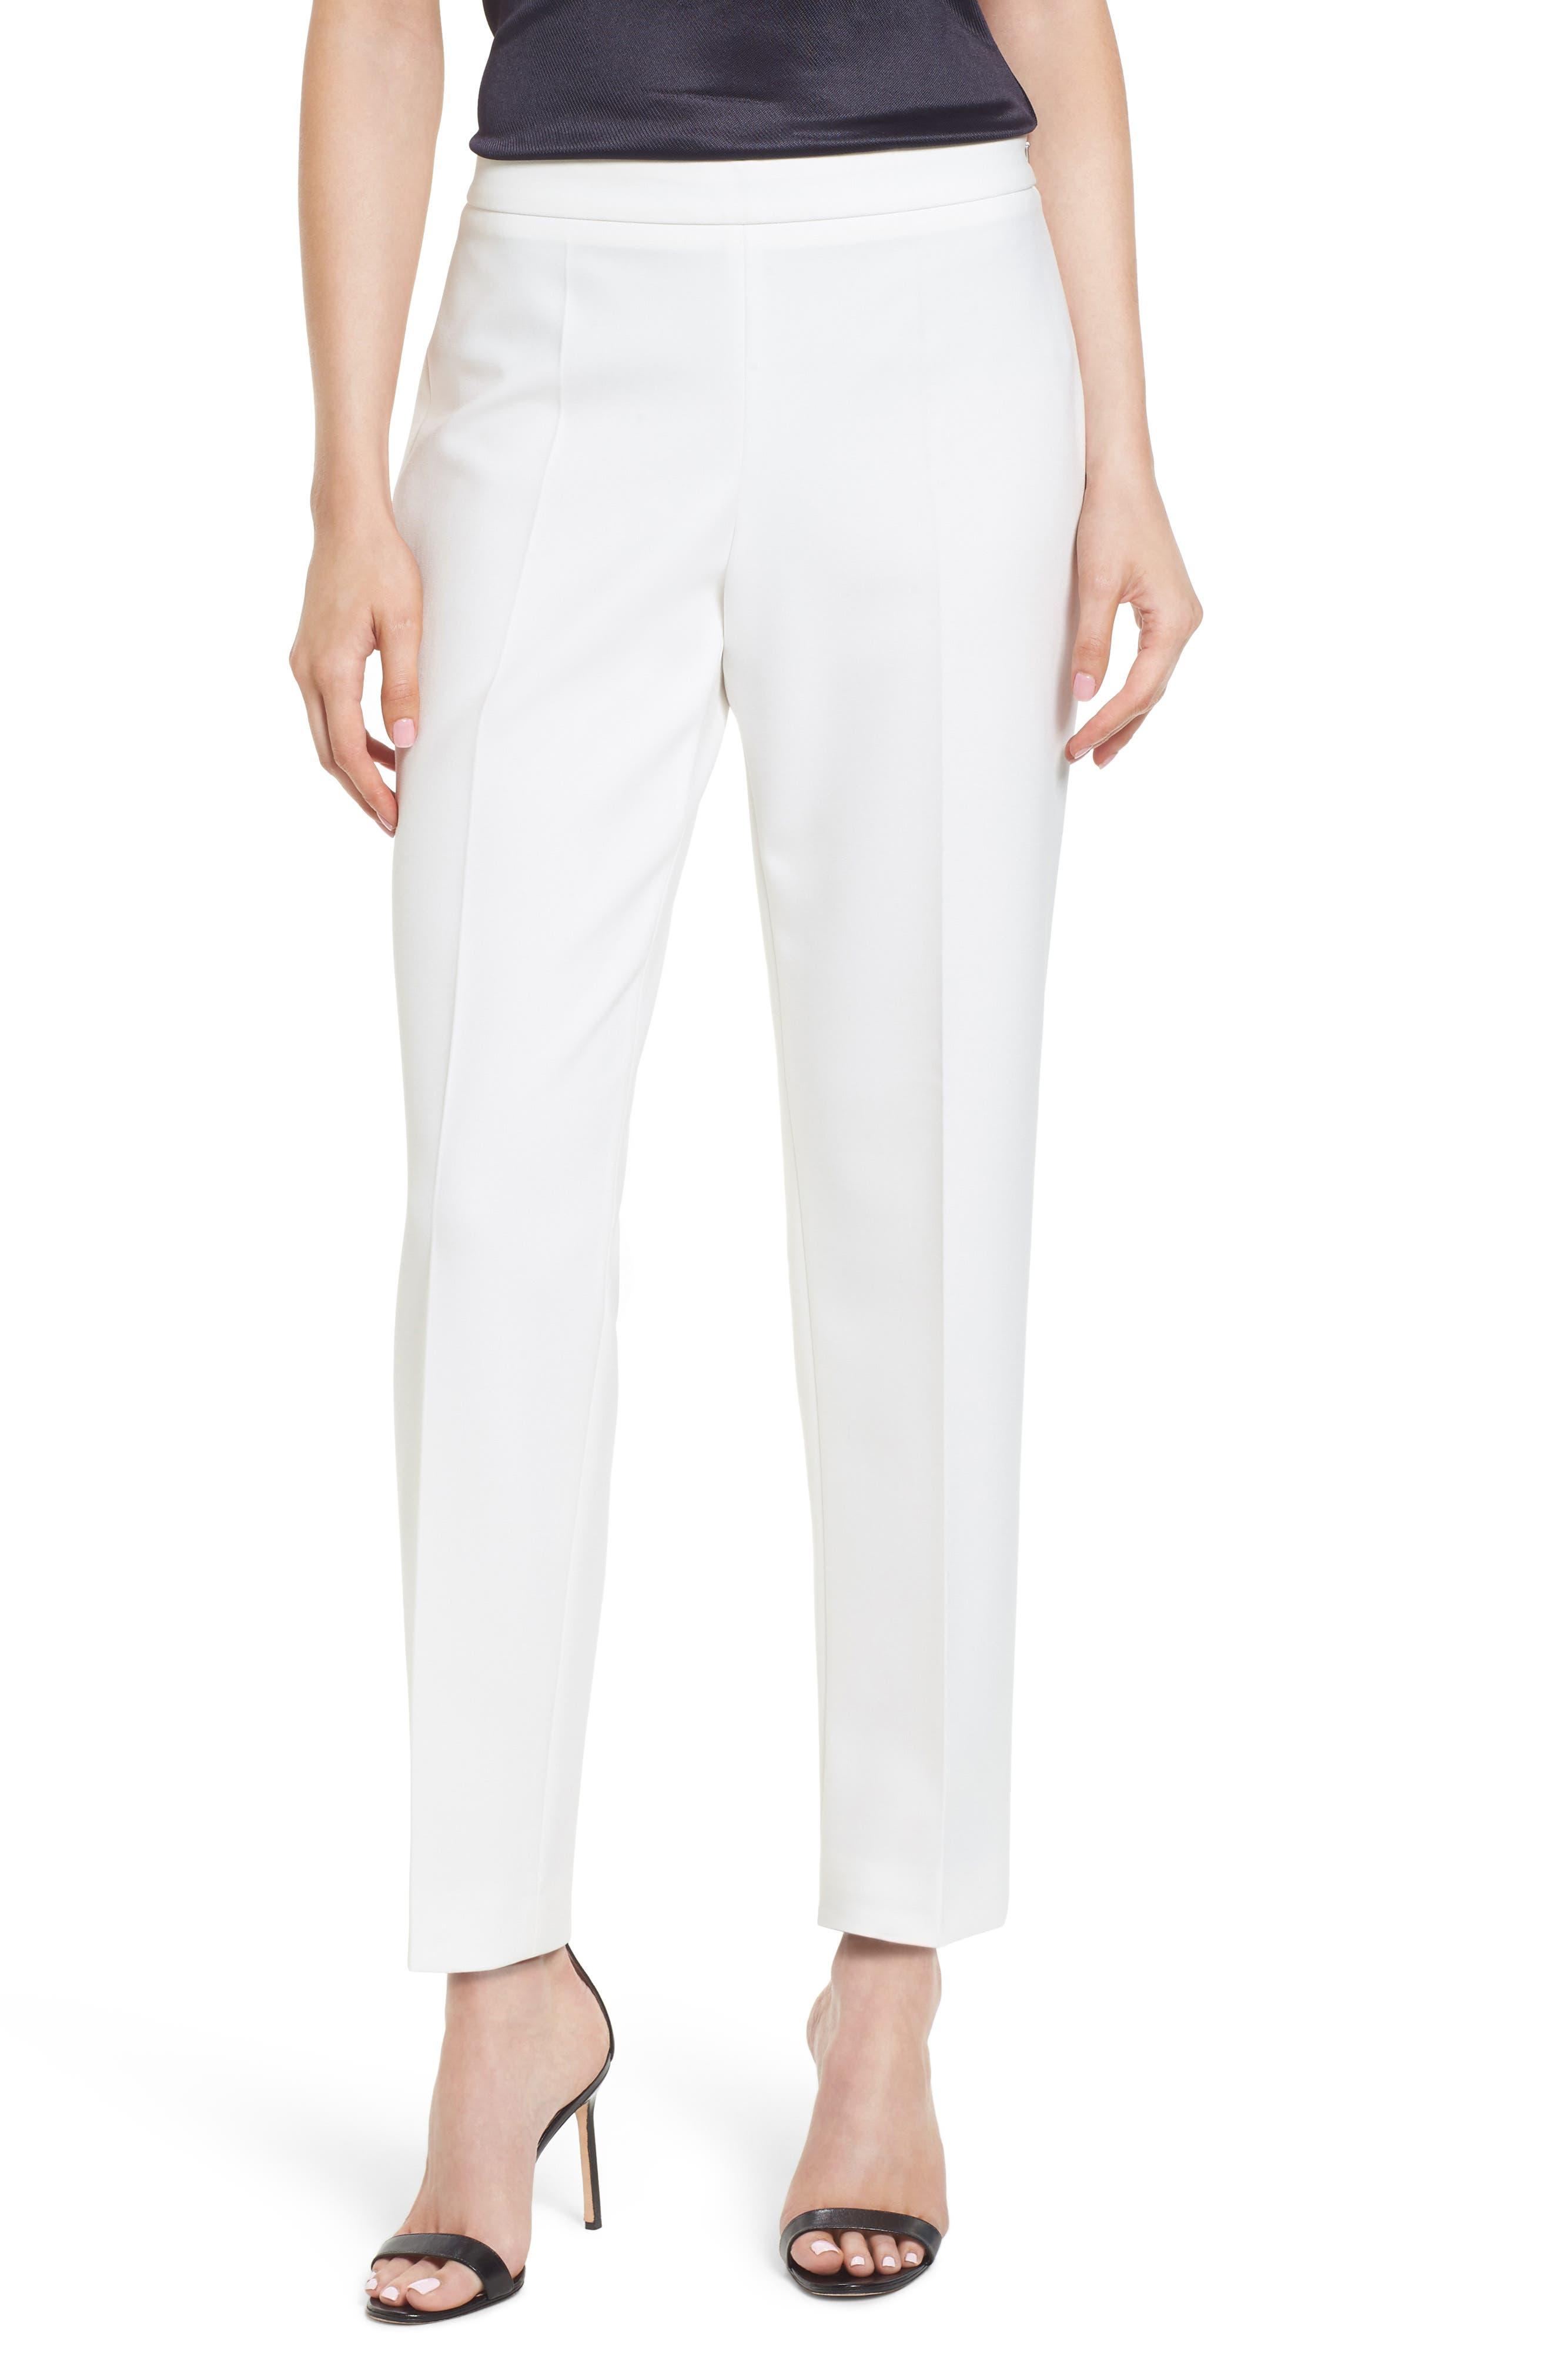 Tiluna Side Zip Ponte Trousers,                         Main,                         color,